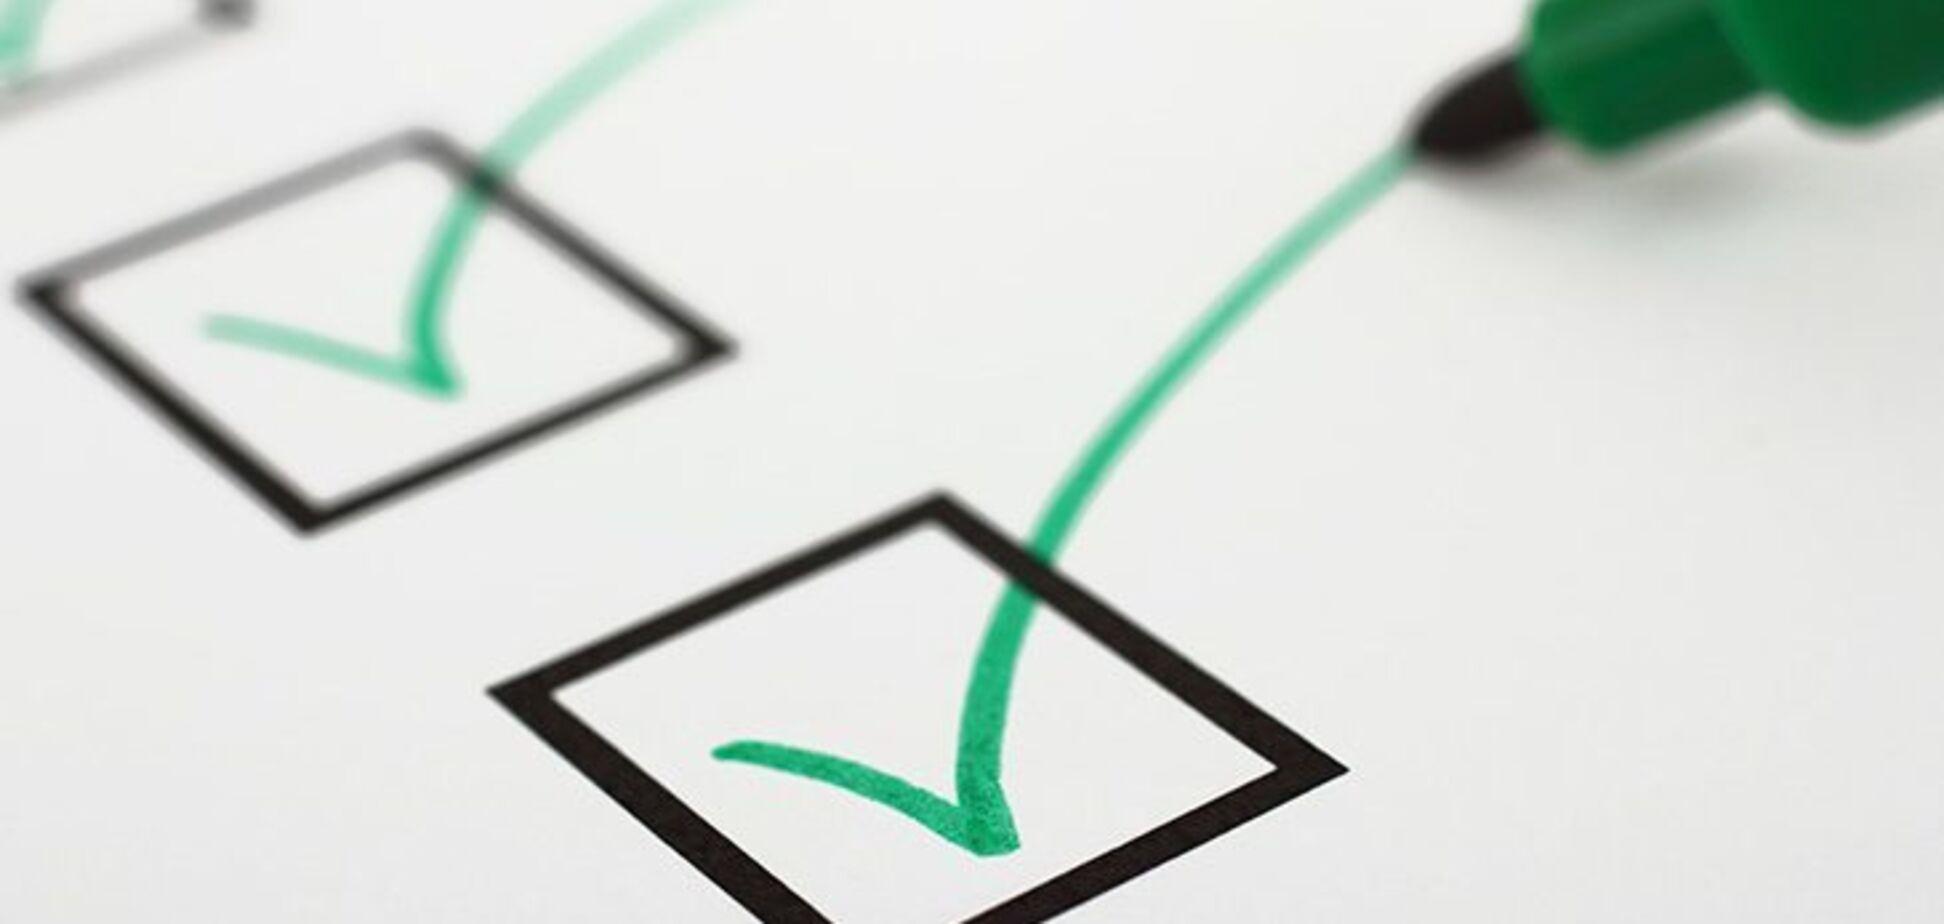 Чуда не будет: Раду уличили в манипуляциях с избирательным кодексом